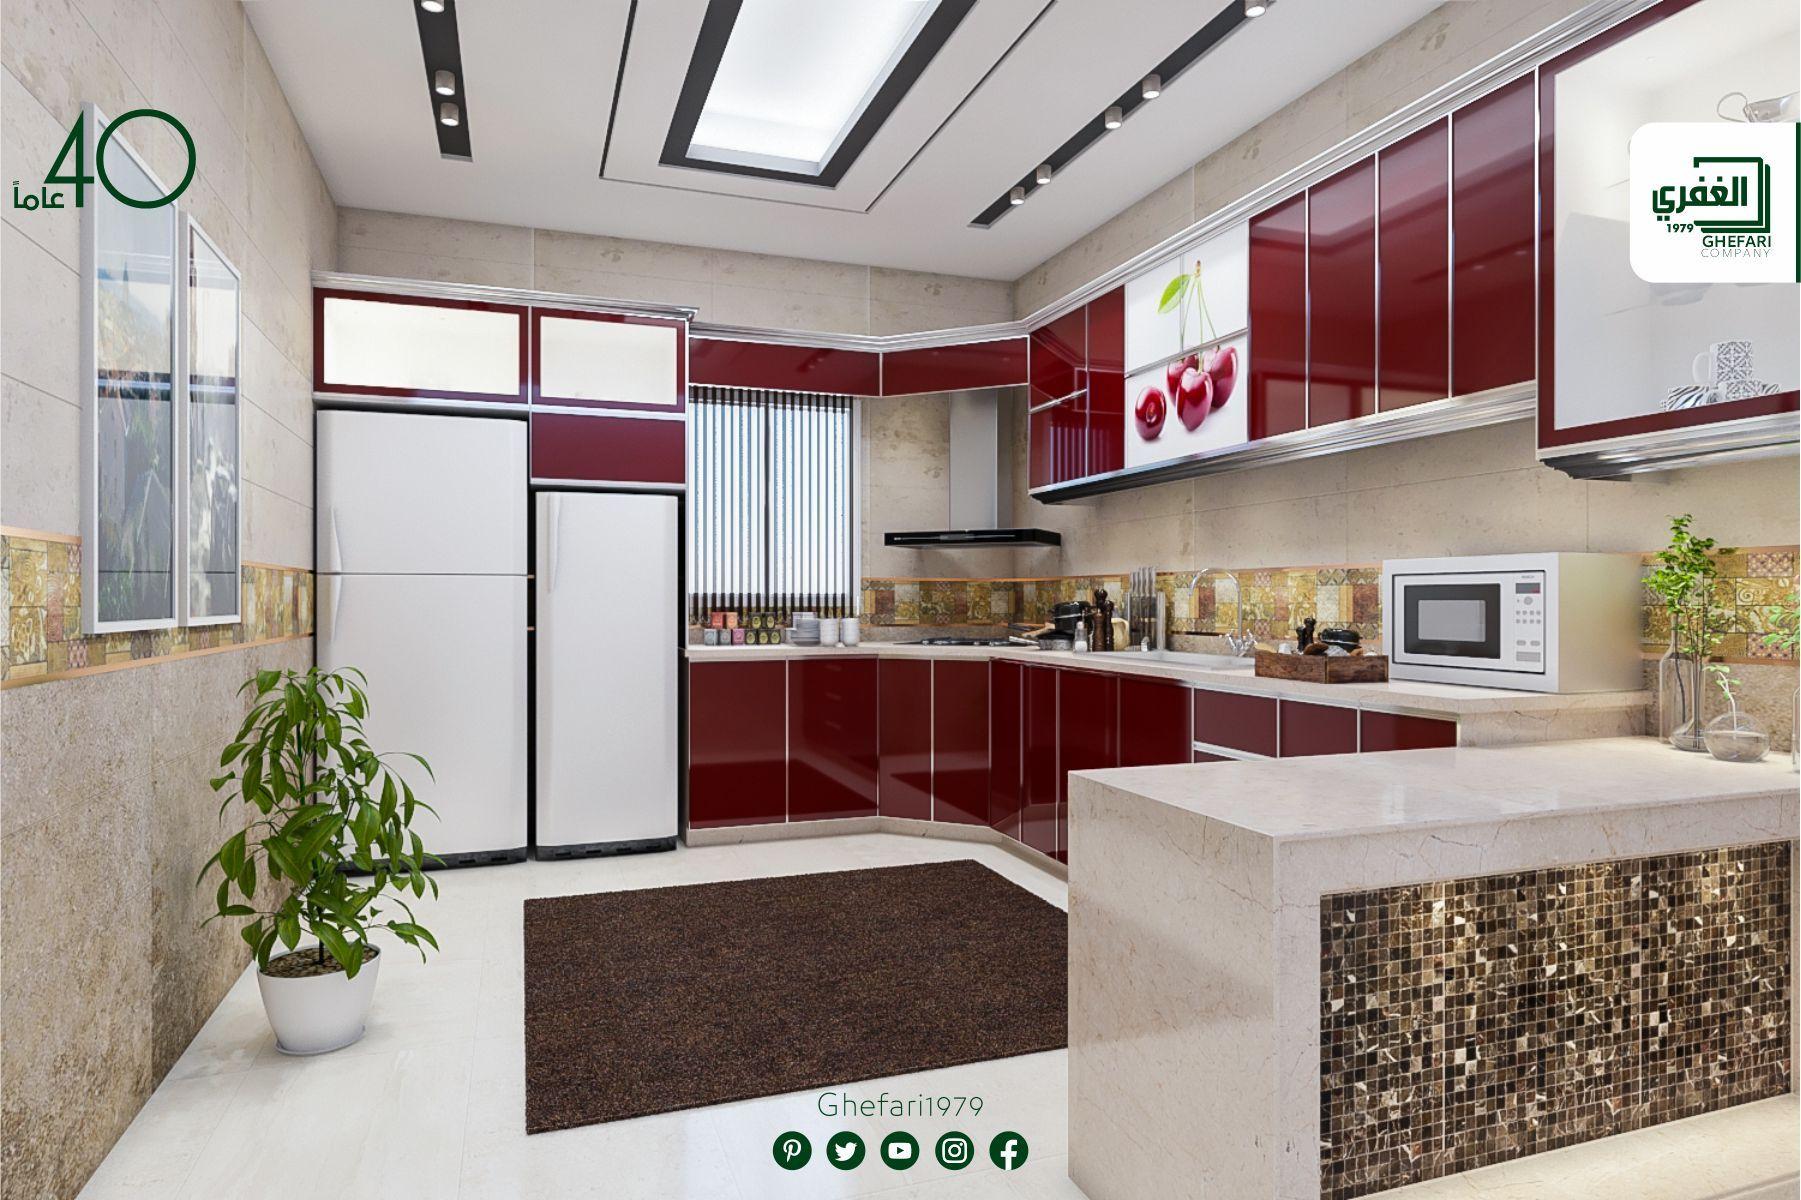 2019 بلاط للاستخدام داخل الحمامات والمطابخ للمزيد زورونا على موقع الشركة Https Www Ghefari Com Ar Udine واتس اب 00972599417956 الرقم Home Decor Home Decor